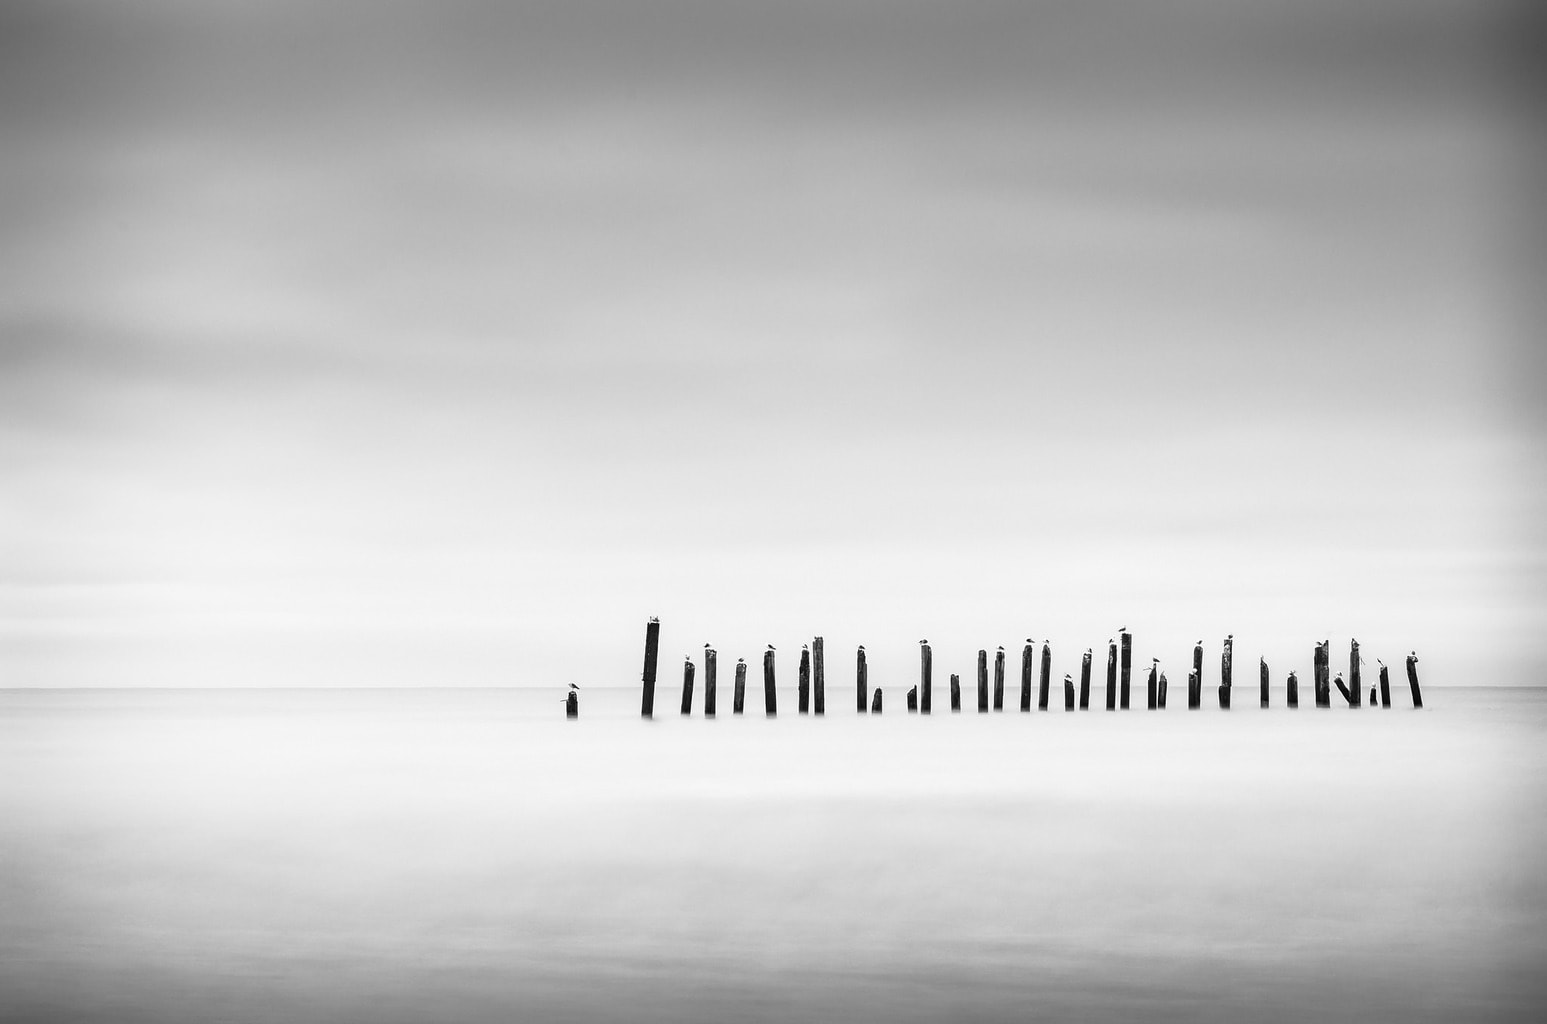 paisaje blanco y negro espigón y gaviotas